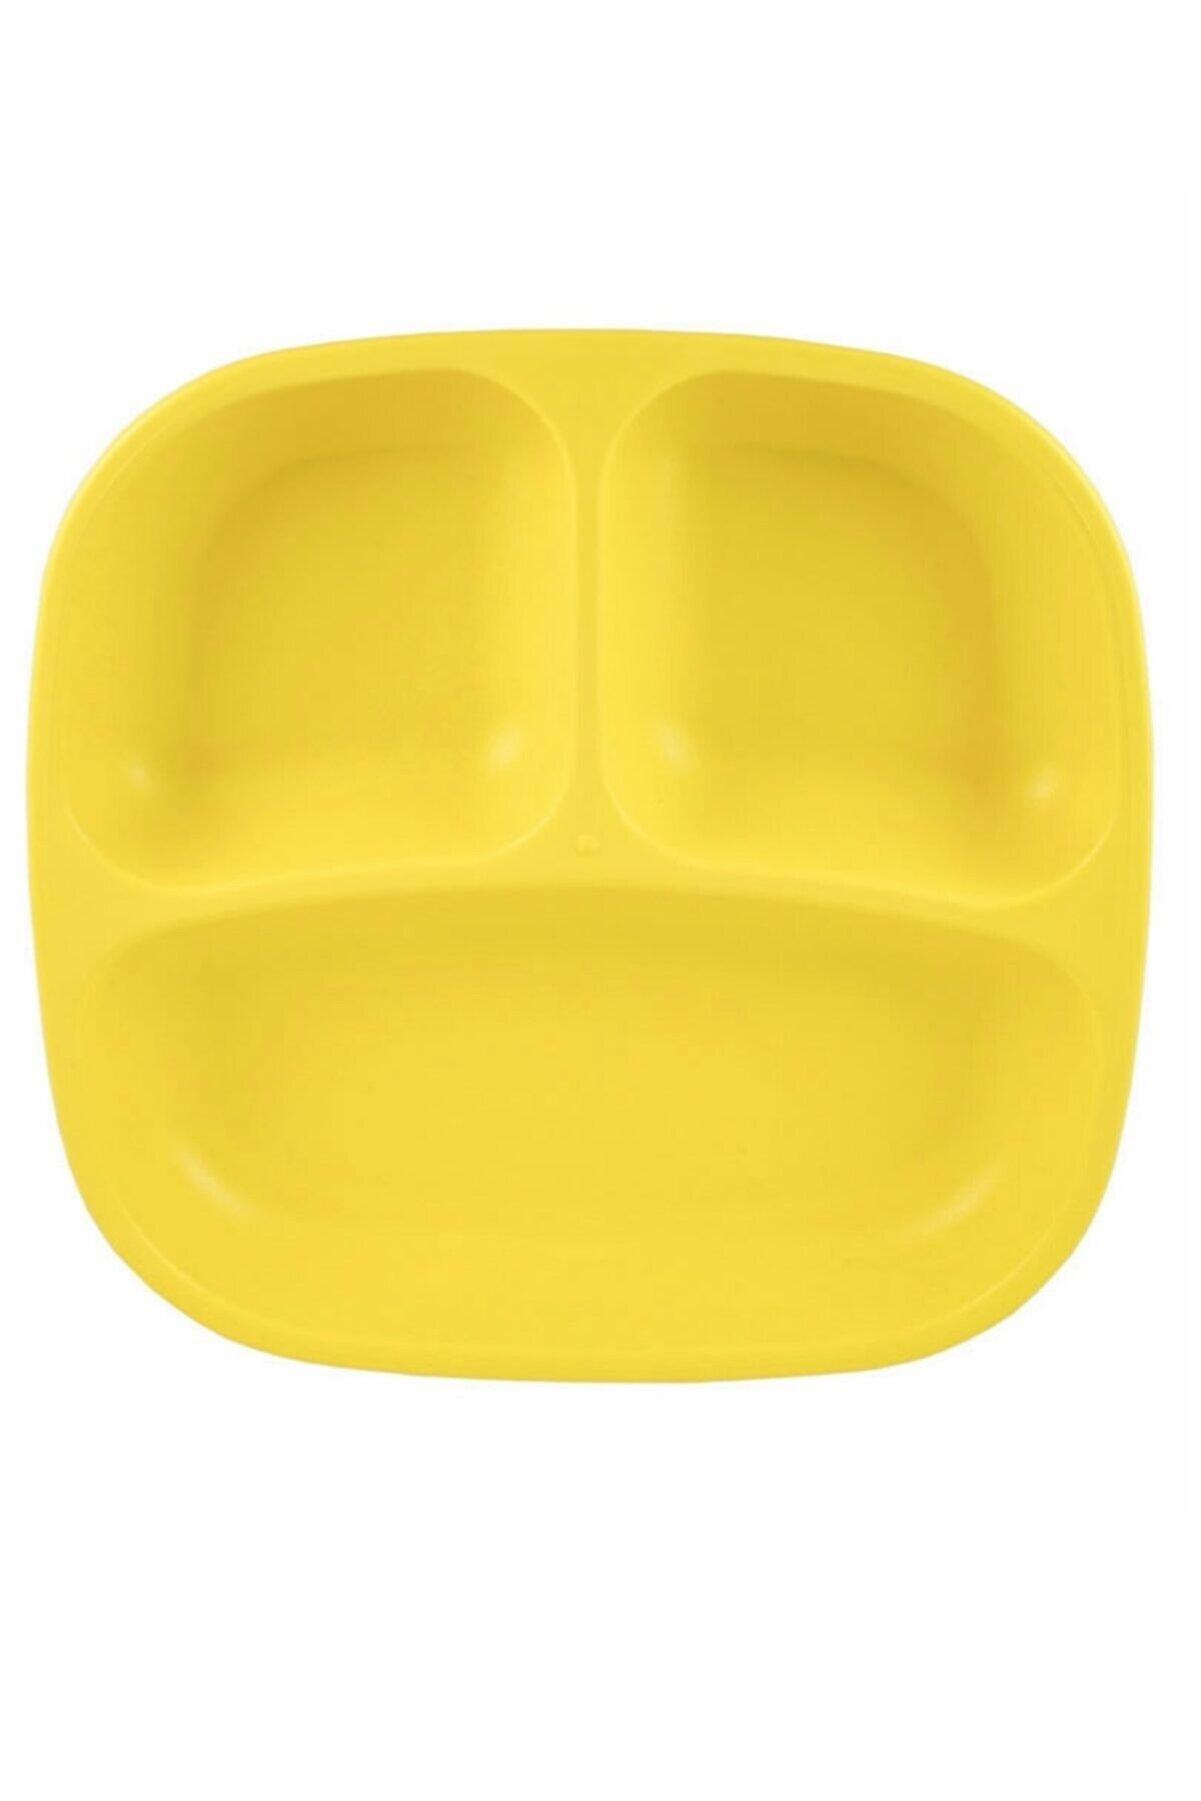 Replay Unisex Sarı Bölmeli Tabak